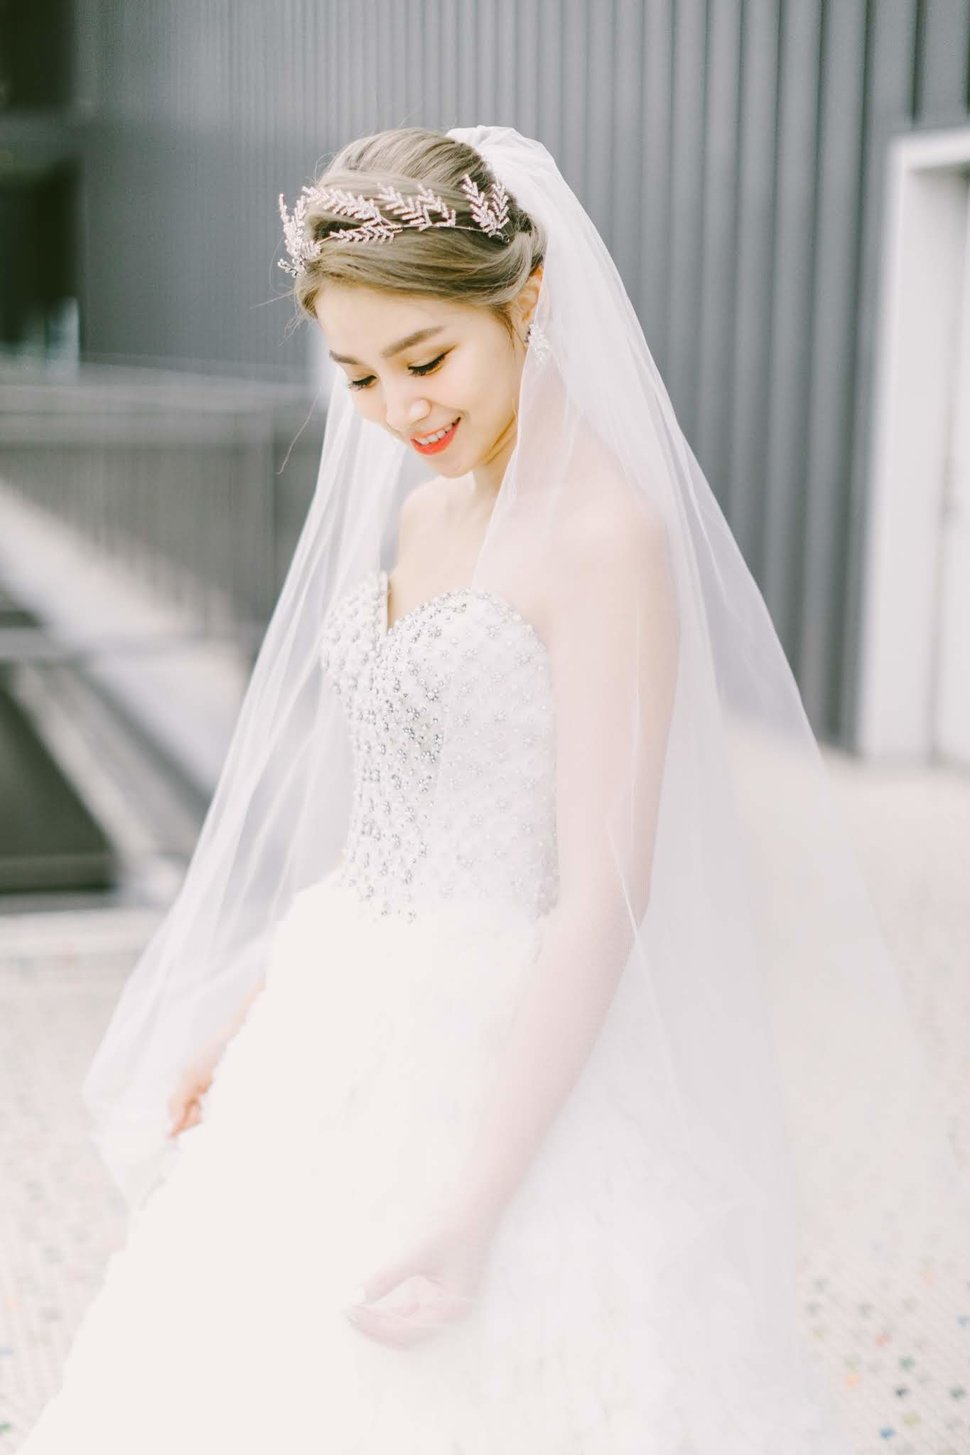 八德彭園婚禮 -美式婚禮-美式婚禮紀錄- Amazing Grace 攝影美學 -台中婚禮紀錄 - Amazing Grace Studio12 - Amazing Grace Studio《結婚吧》